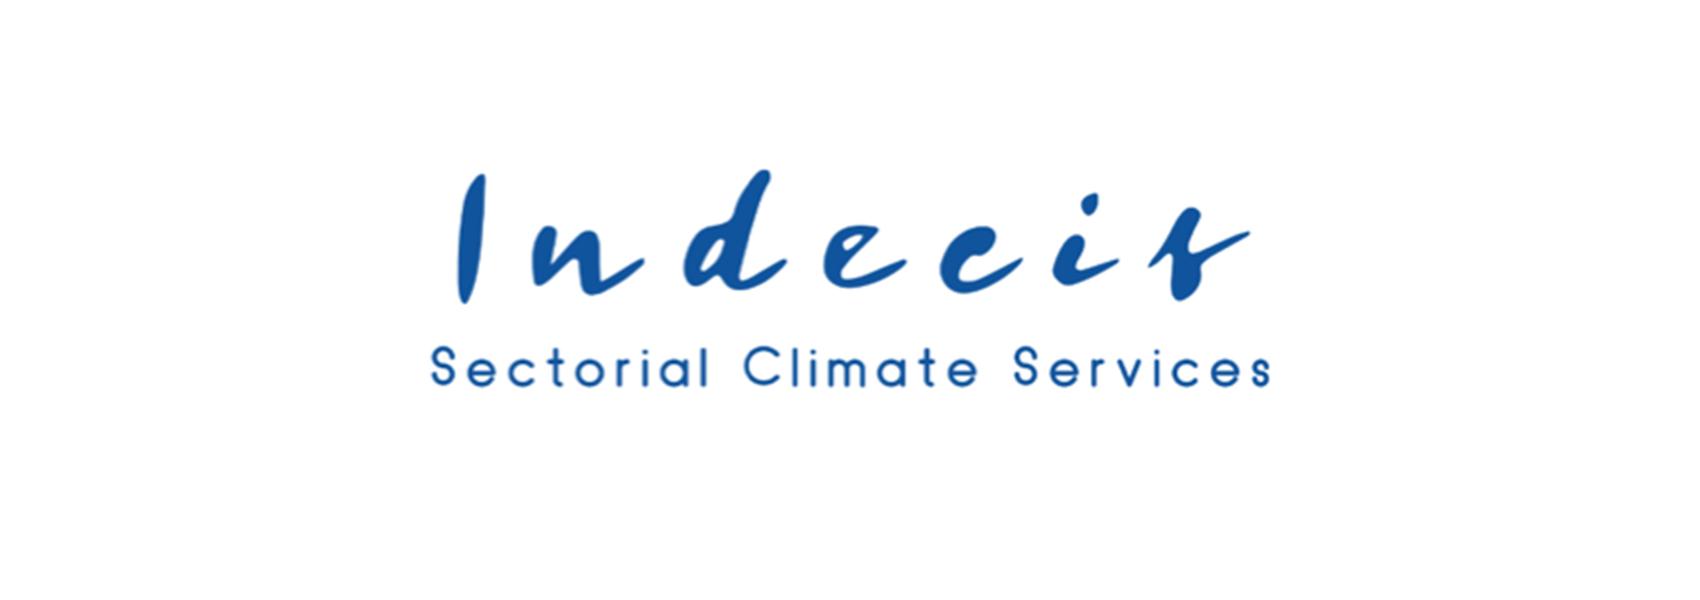 Construir resiliencia a través de los servicios climáticos para el turismo